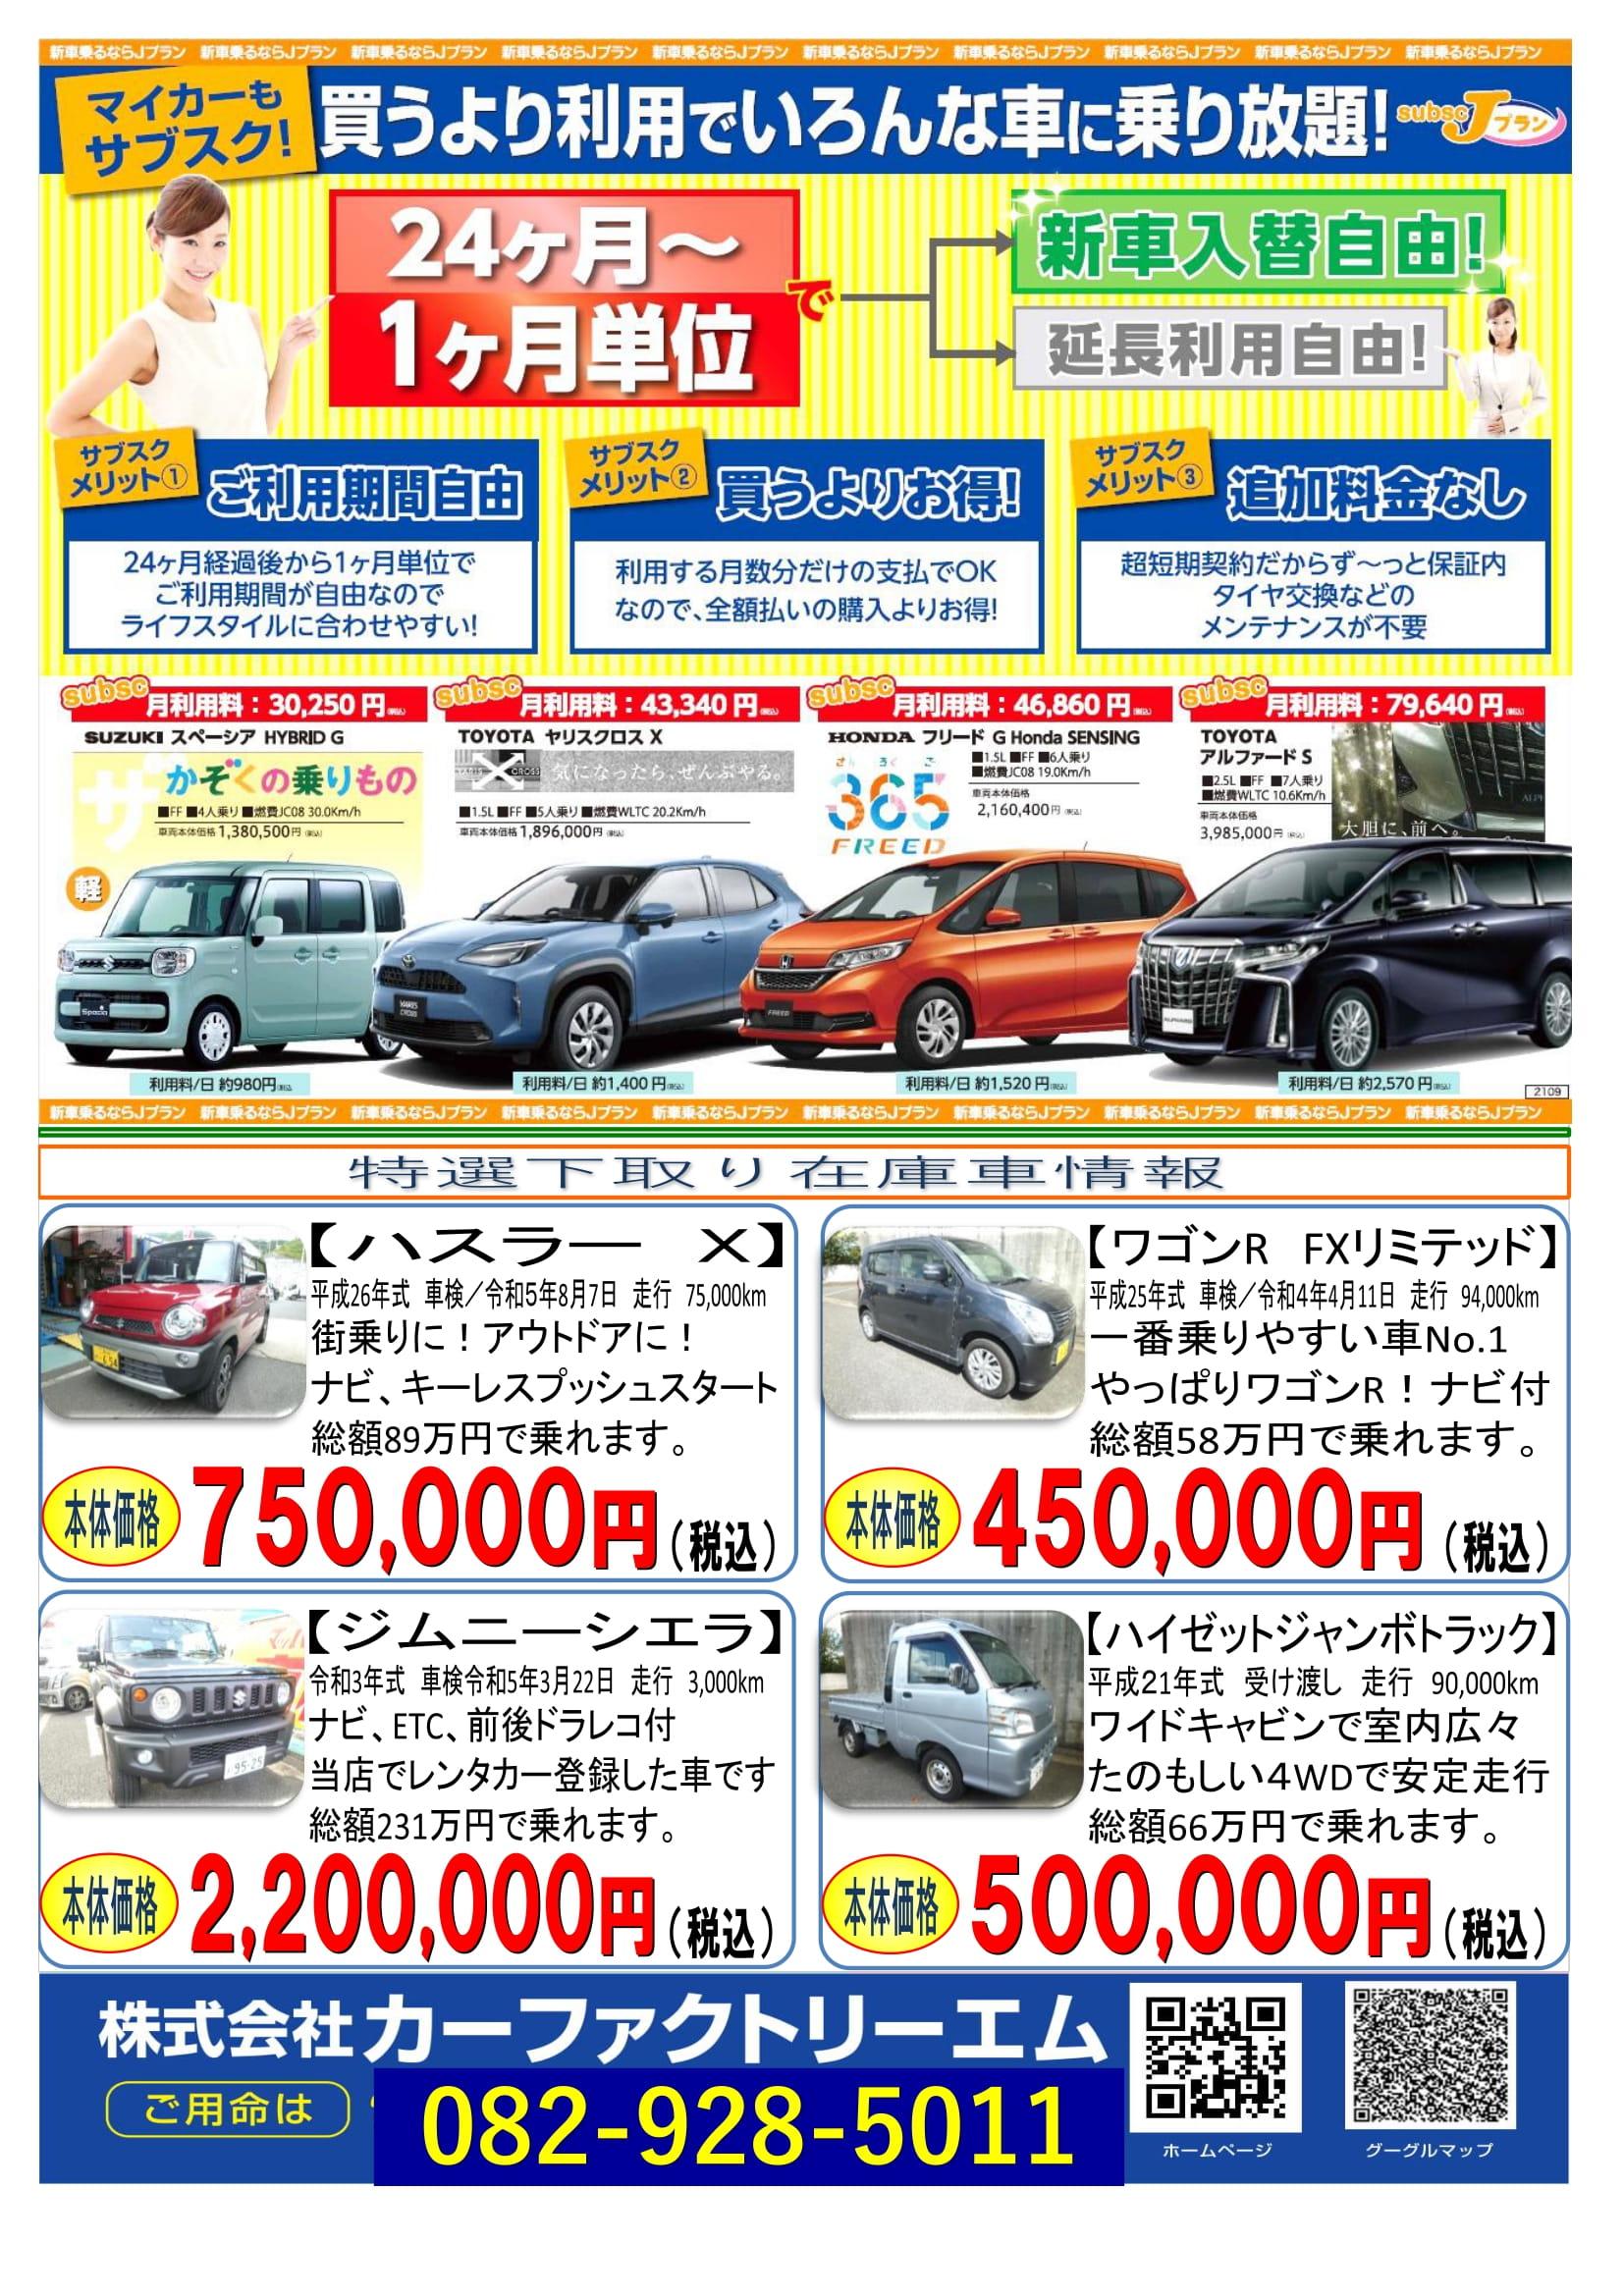 マッハ車検五日市石内バイパス店より マッハ通信10月号